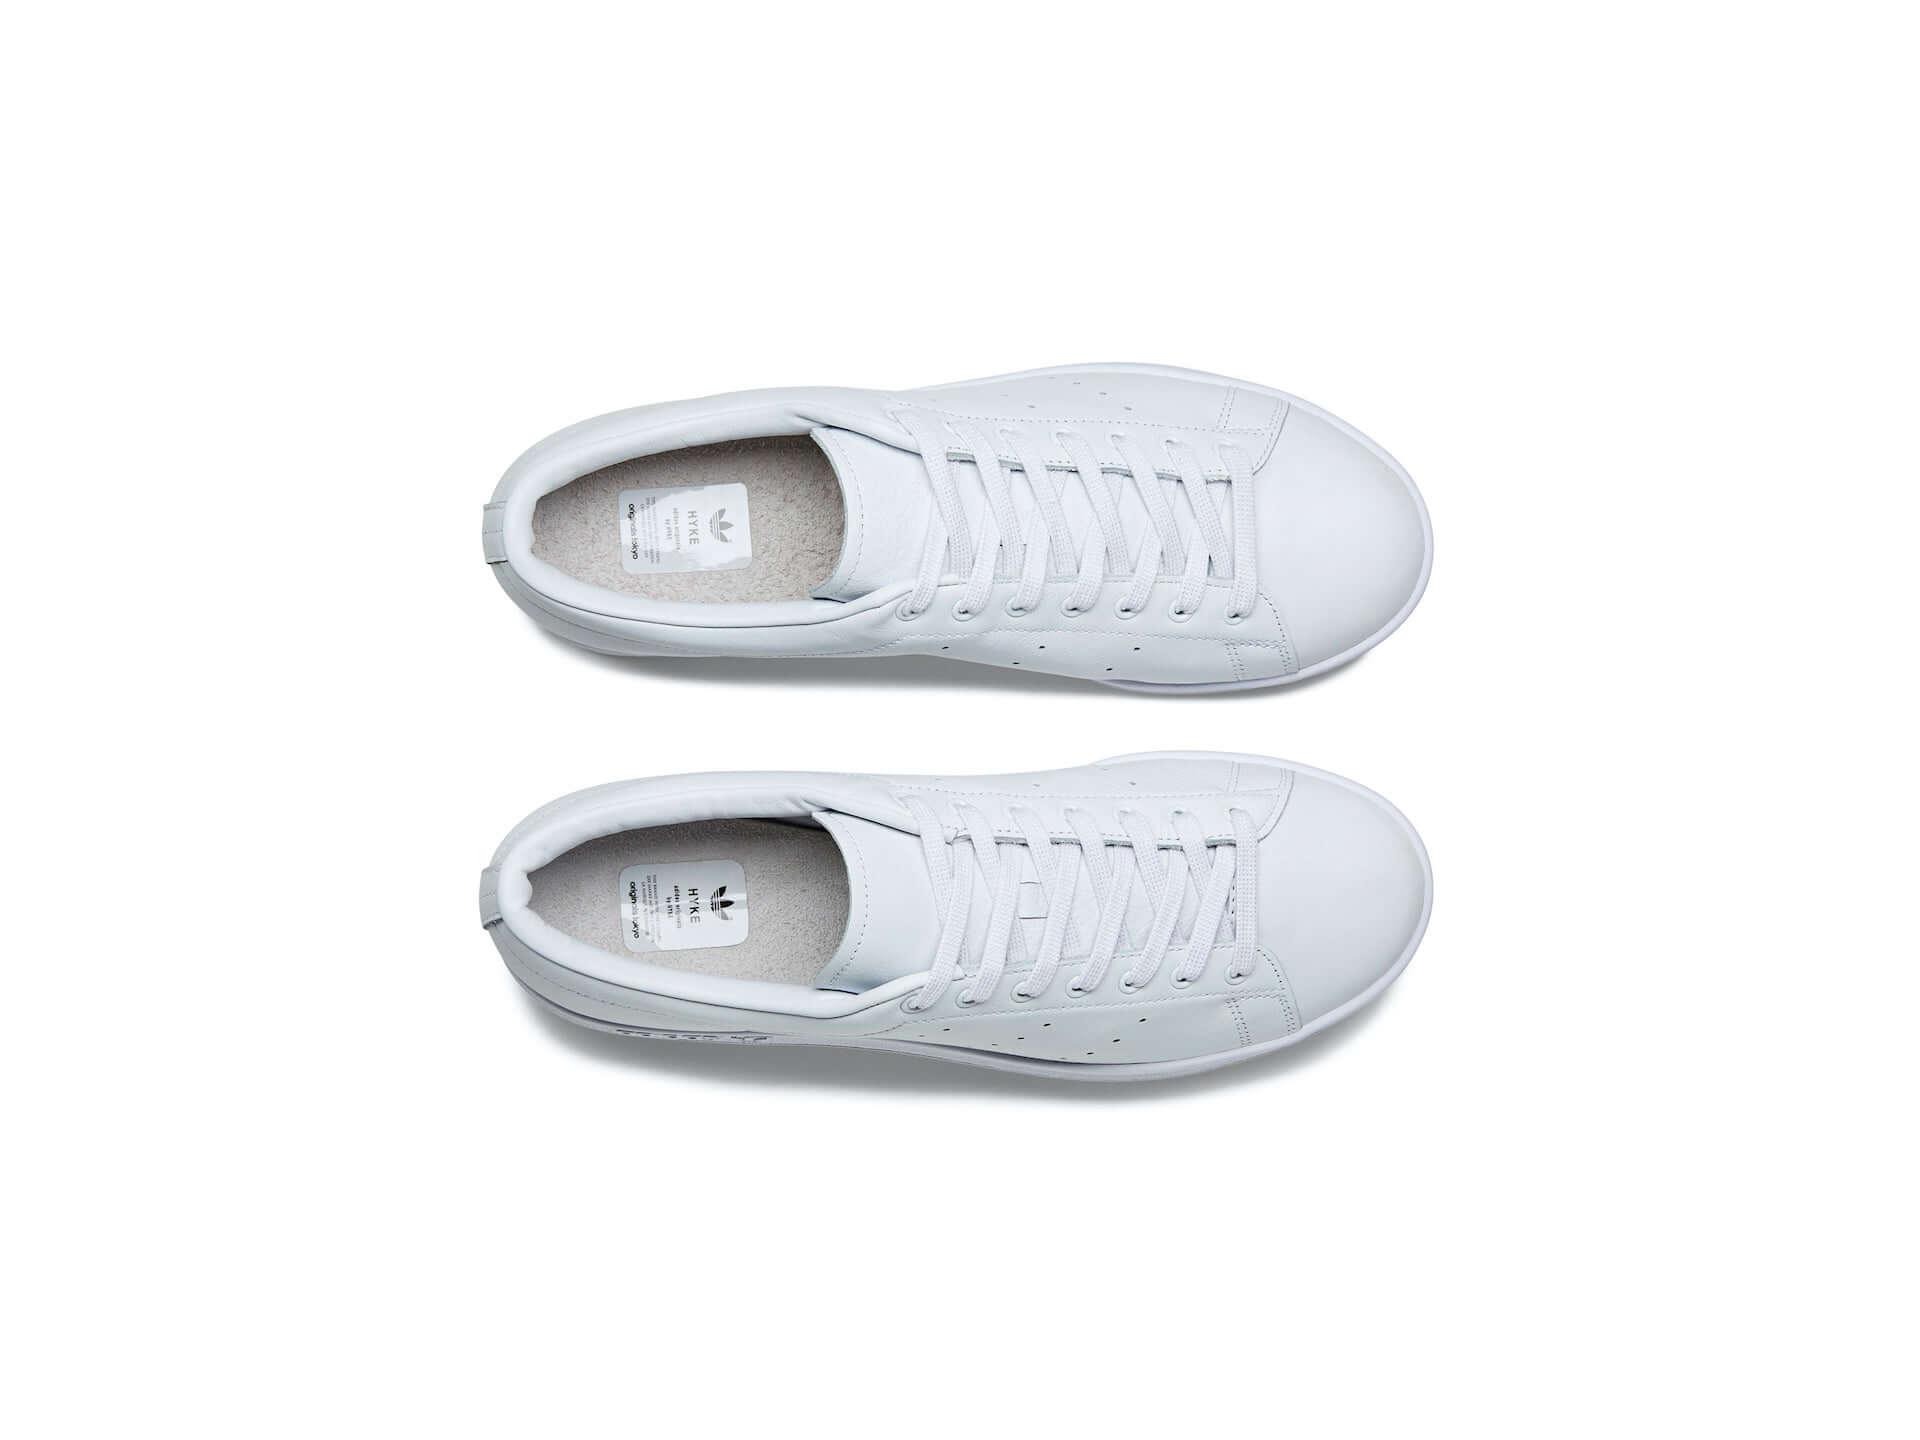 アディダスとHYKEのコラボコレクションが日本で先行発売決定!日本限定仕様の『ULTRABOOST』も登場 lf200520_adidas_hyke_13-1920x1440